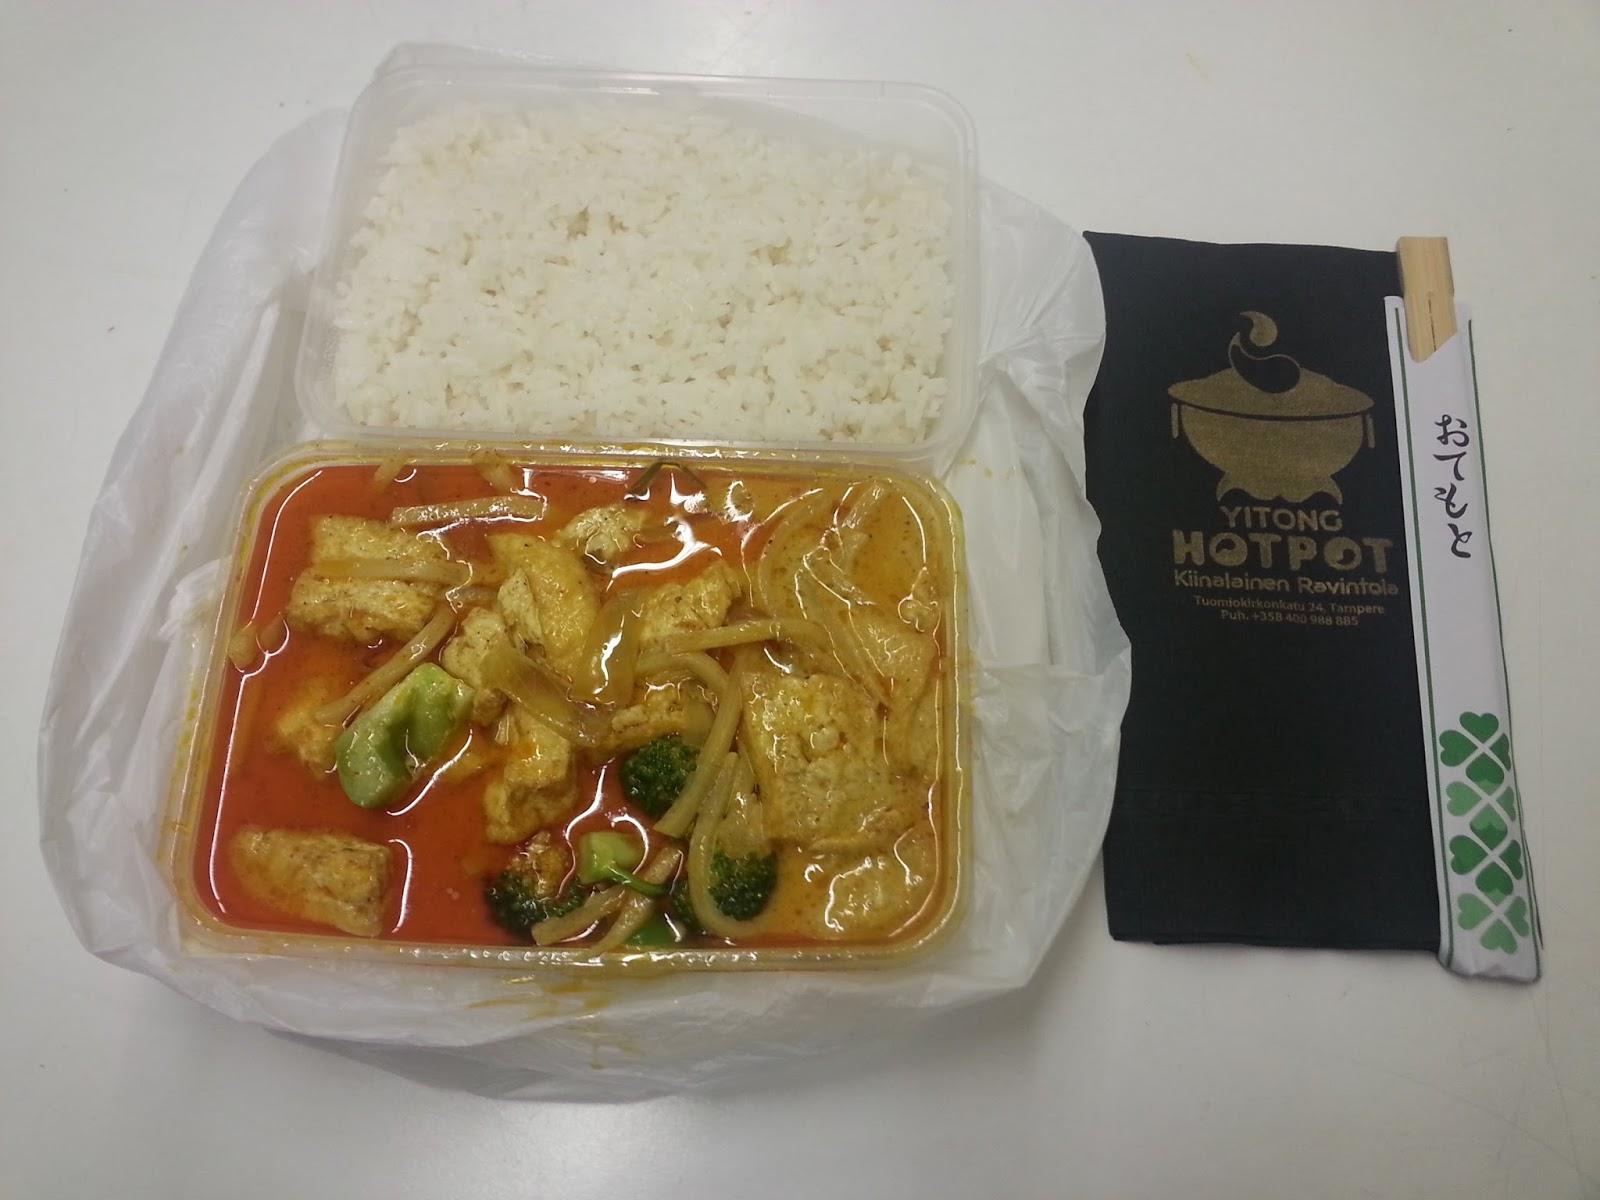 Kiinalainen ravintola hakunila – Siirrettävä ilmastointilaite kokemuksia